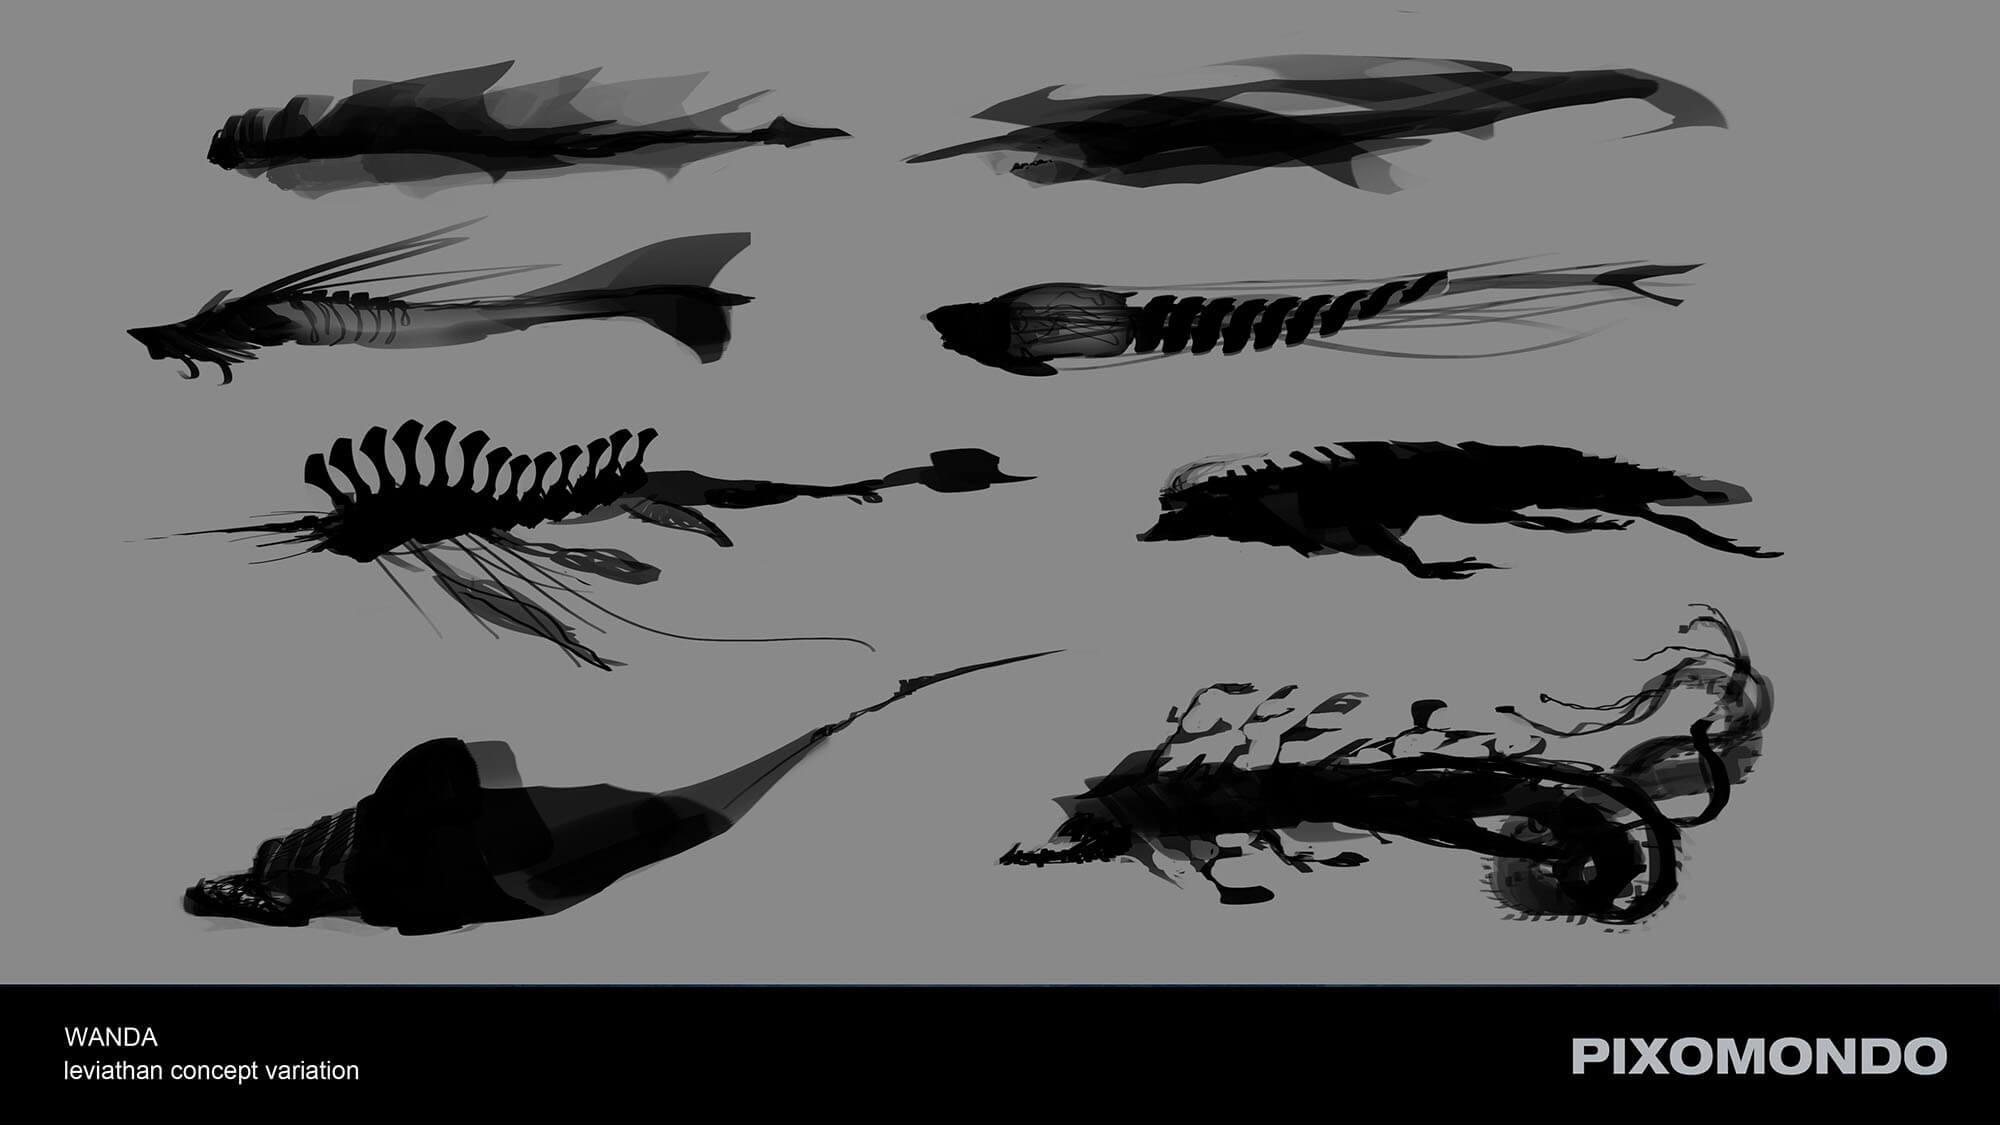 creature-concept-wanda-pixomondo-felix-botho-haas-leviathan-v001c